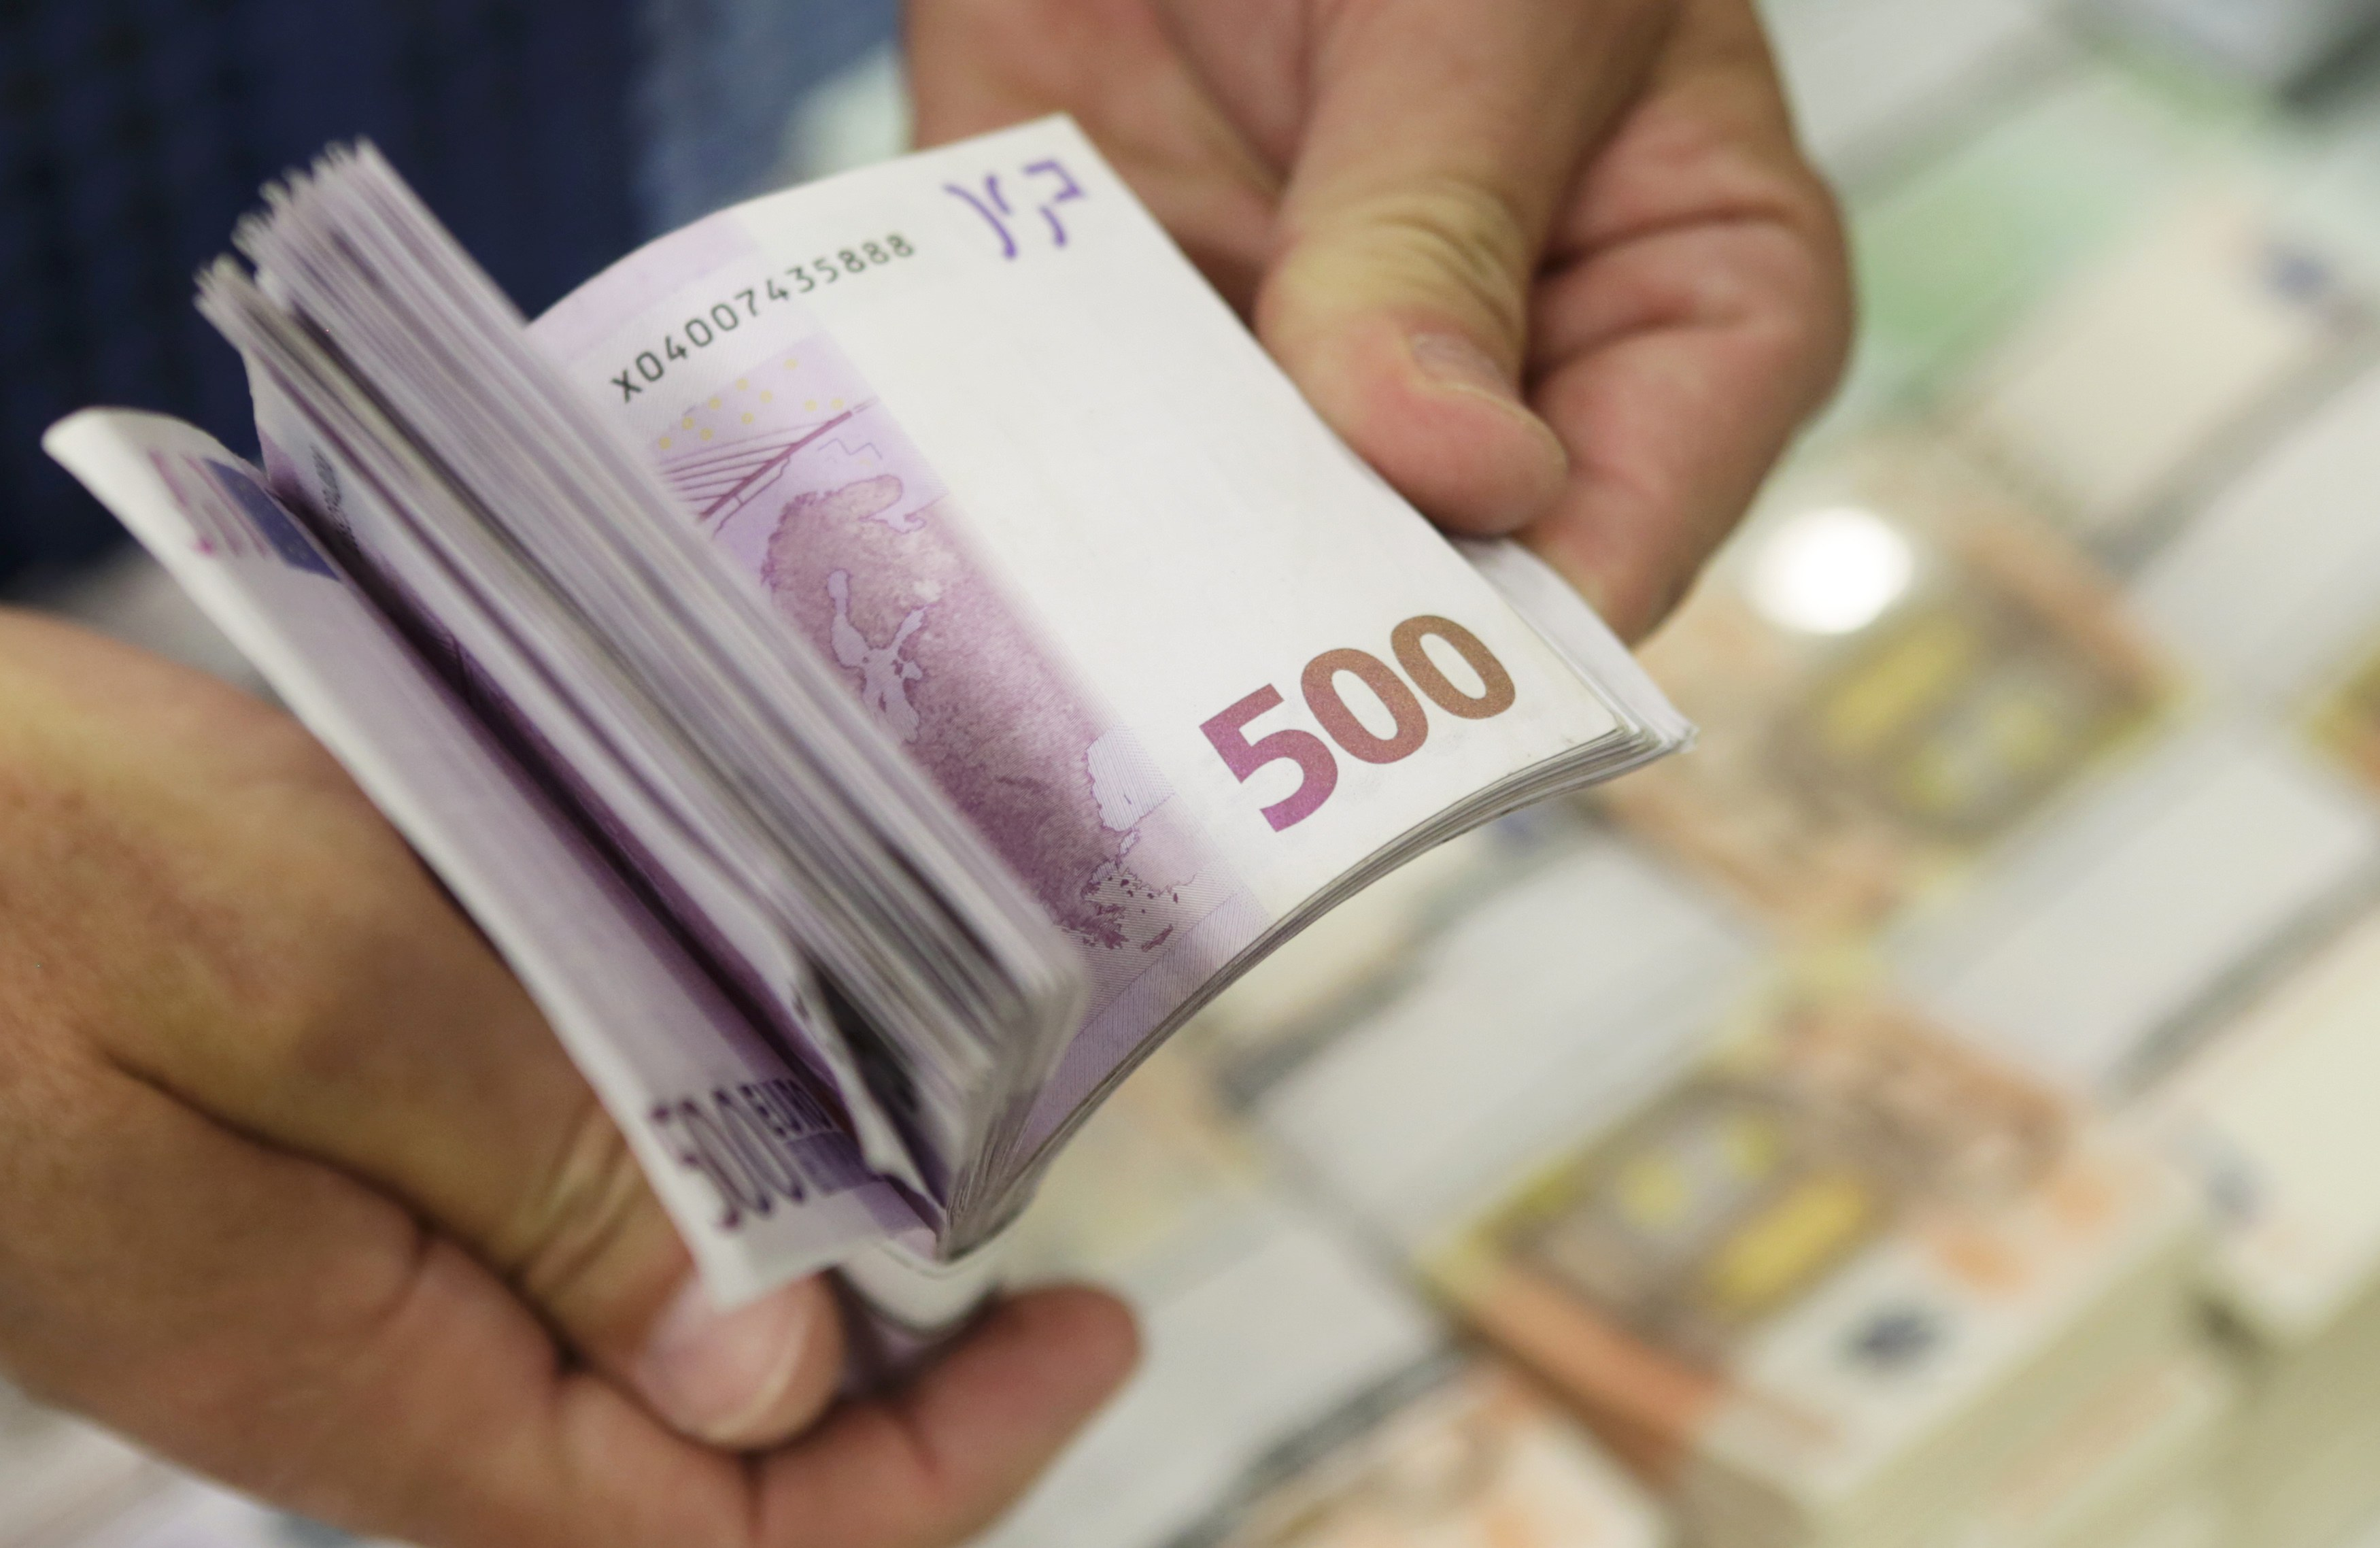 Οι φορολογούμενοι βάζουν… βαθιά το χέρι στην τσέπη! Υπέρβαση 400 εκατ. στα έσοδα